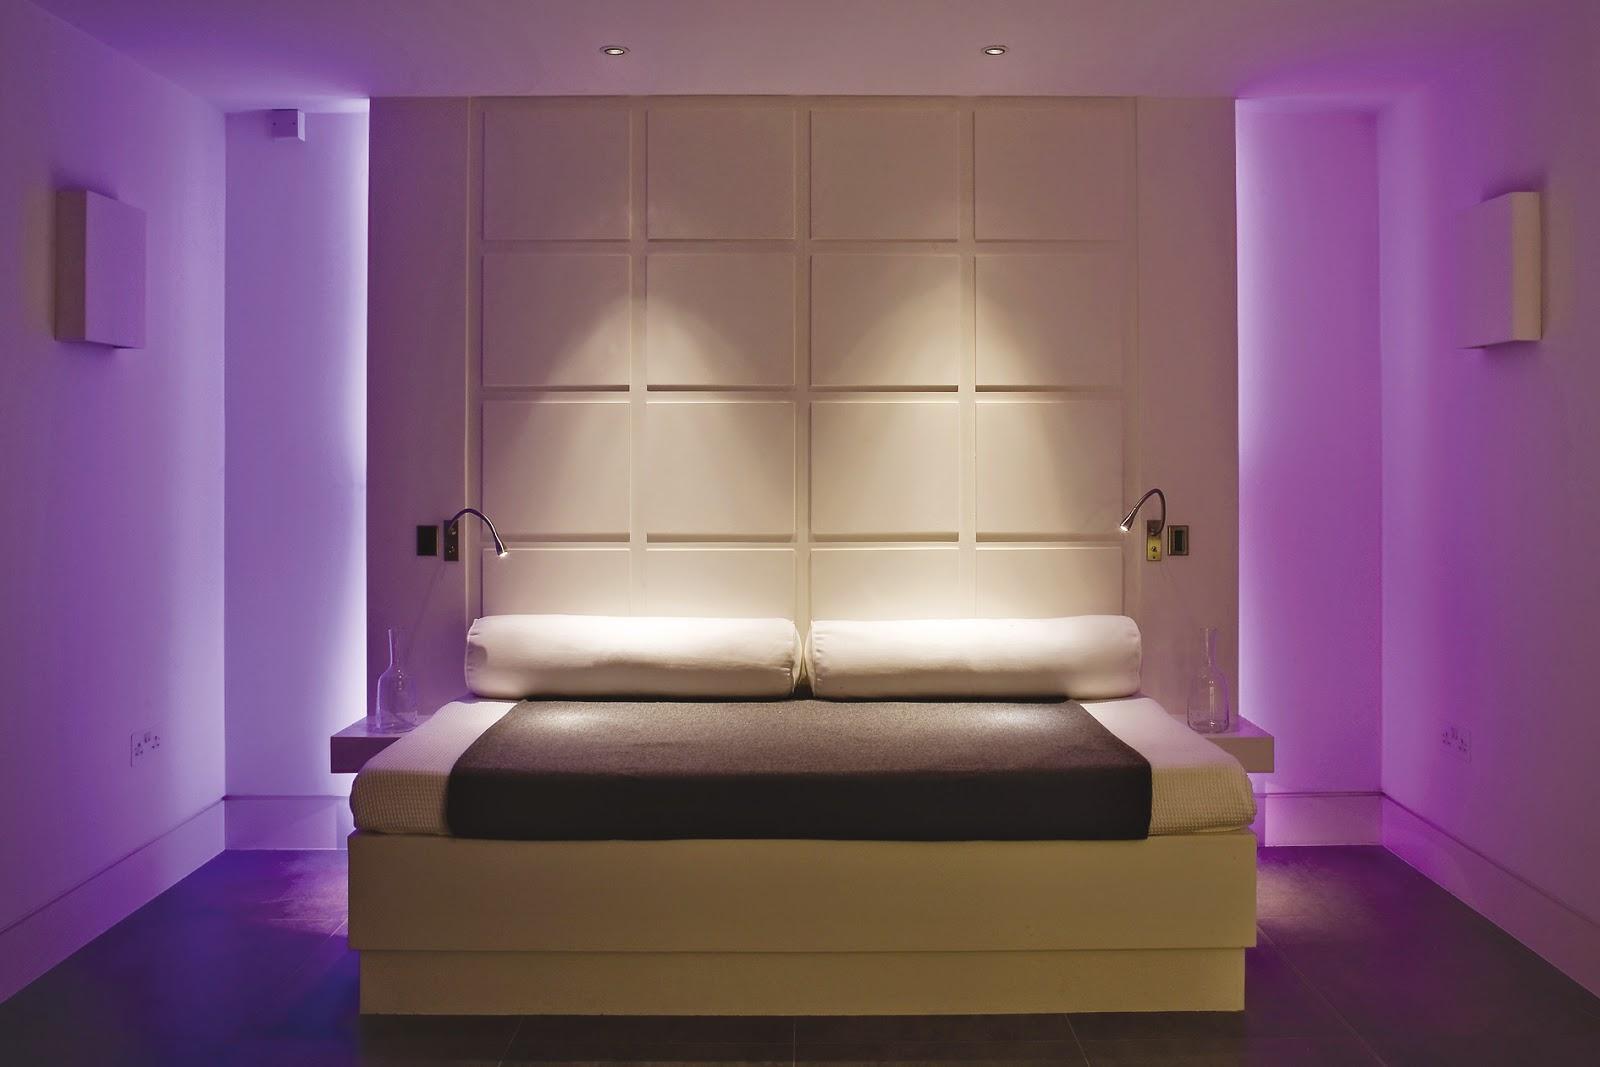 peaceful mood lighting bathroom bedroom wall mood lighting wall washer lights bedroomlicious shabby chic bedrooms